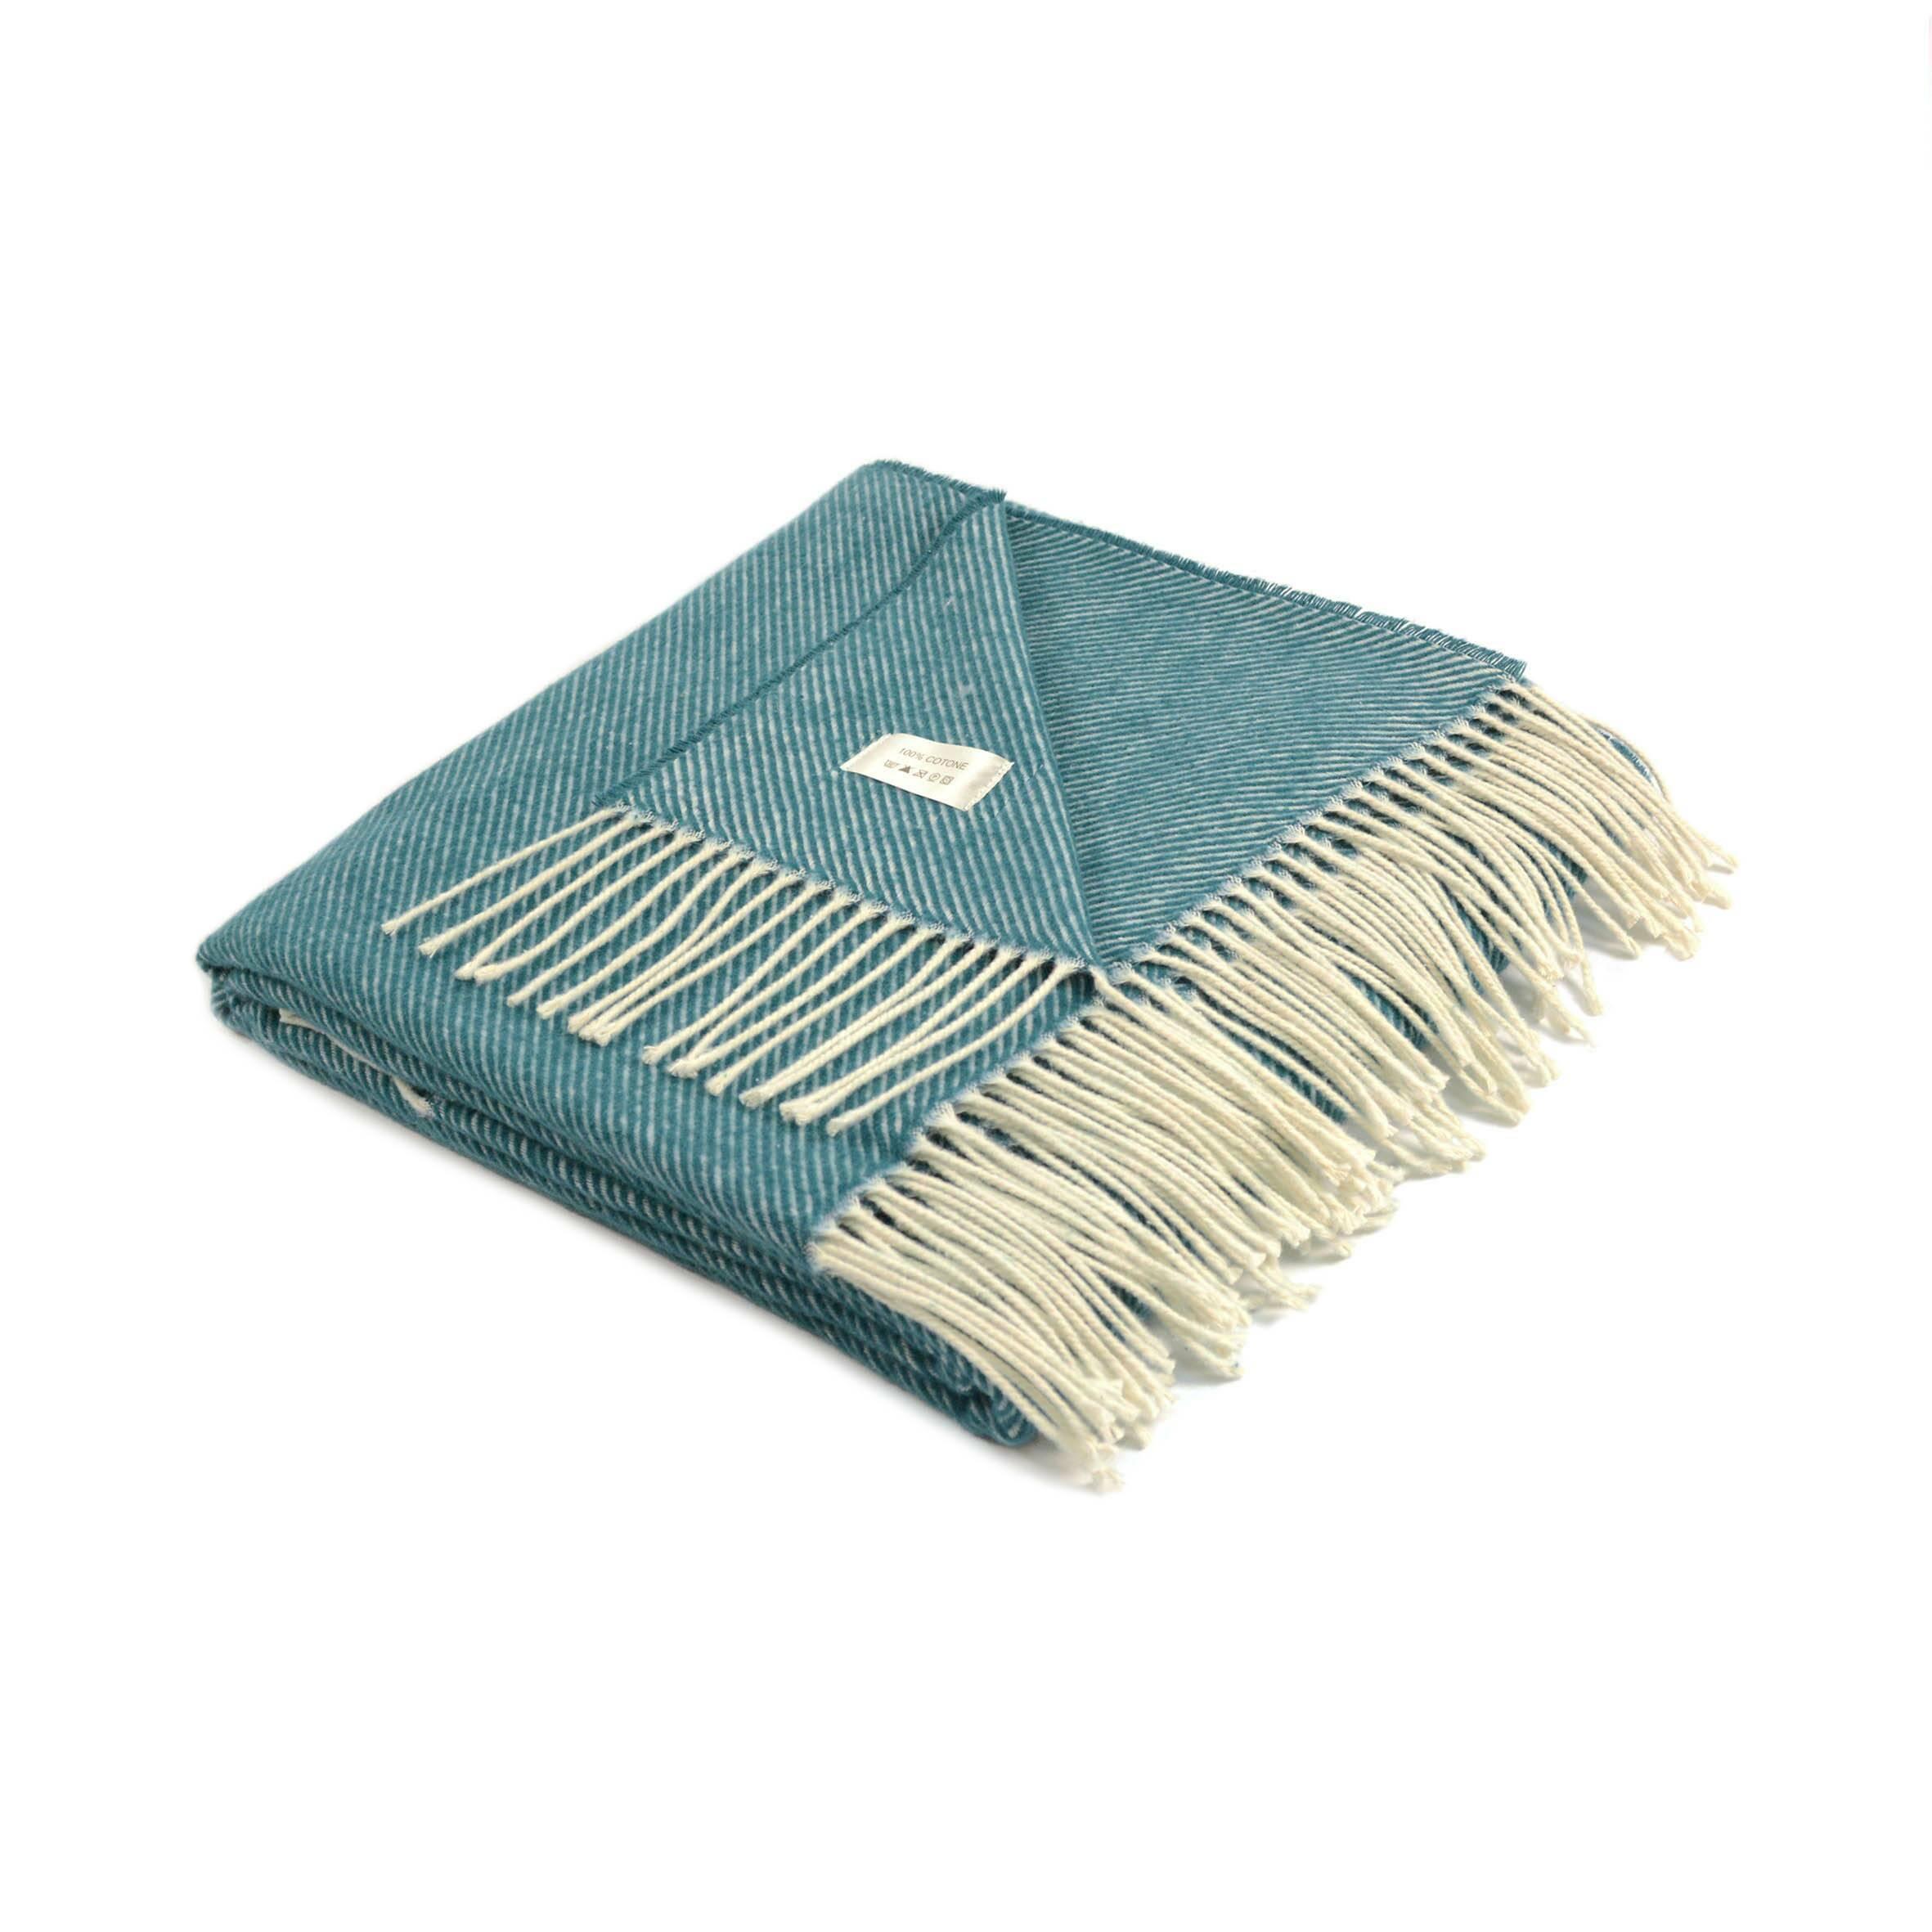 Плед PaolaРазное<br>Плед Paola — это очень мягкое, легкое покрывало, созданное итальянской компанией Marzotto. Изделия этого бренда пользуются большой популярностью во всем мире — каждое из них имеет особенный, красивый дизайн и мягкую, приятную на ощупь текстуру. Плед Paola выглядит очень уютно и нежно благодаря своей однотонной цветовой гамме с легкой привлекательной текстурой.<br><br><br> Основа изделия — натуральный хлопок. Плед очень легкий, но при этом хорошо сохраняет тепло и дышит, что позволяет использова...<br><br>stock: 0<br>Ширина: 130<br>Материал: Хлопок<br>Цвет: Бирюзовый<br>Длина: 170